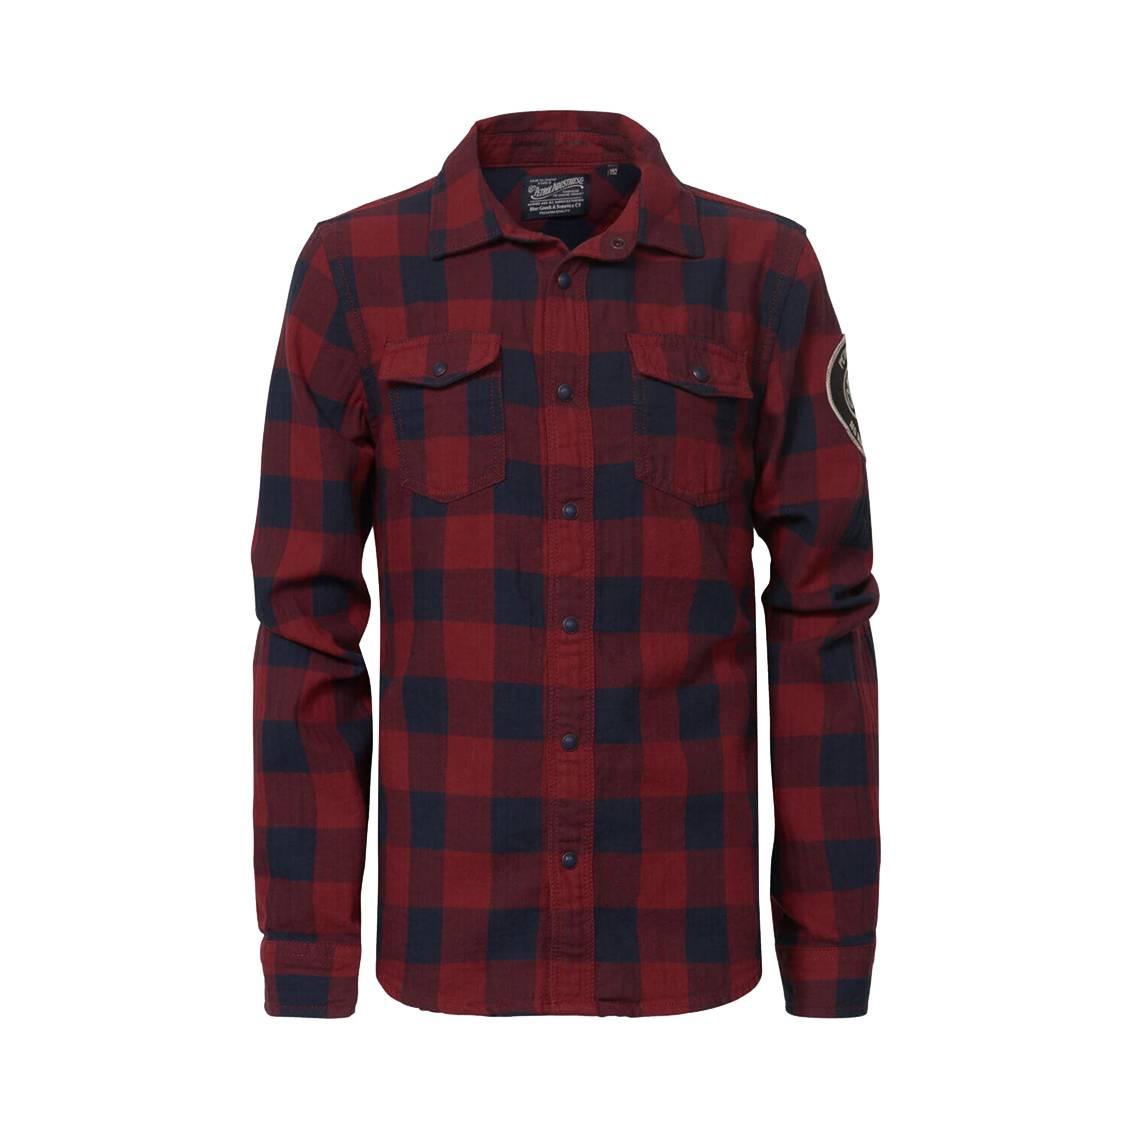 Chemise  en coton à carreaux bordeaux et bleu marine floqué dans le dos